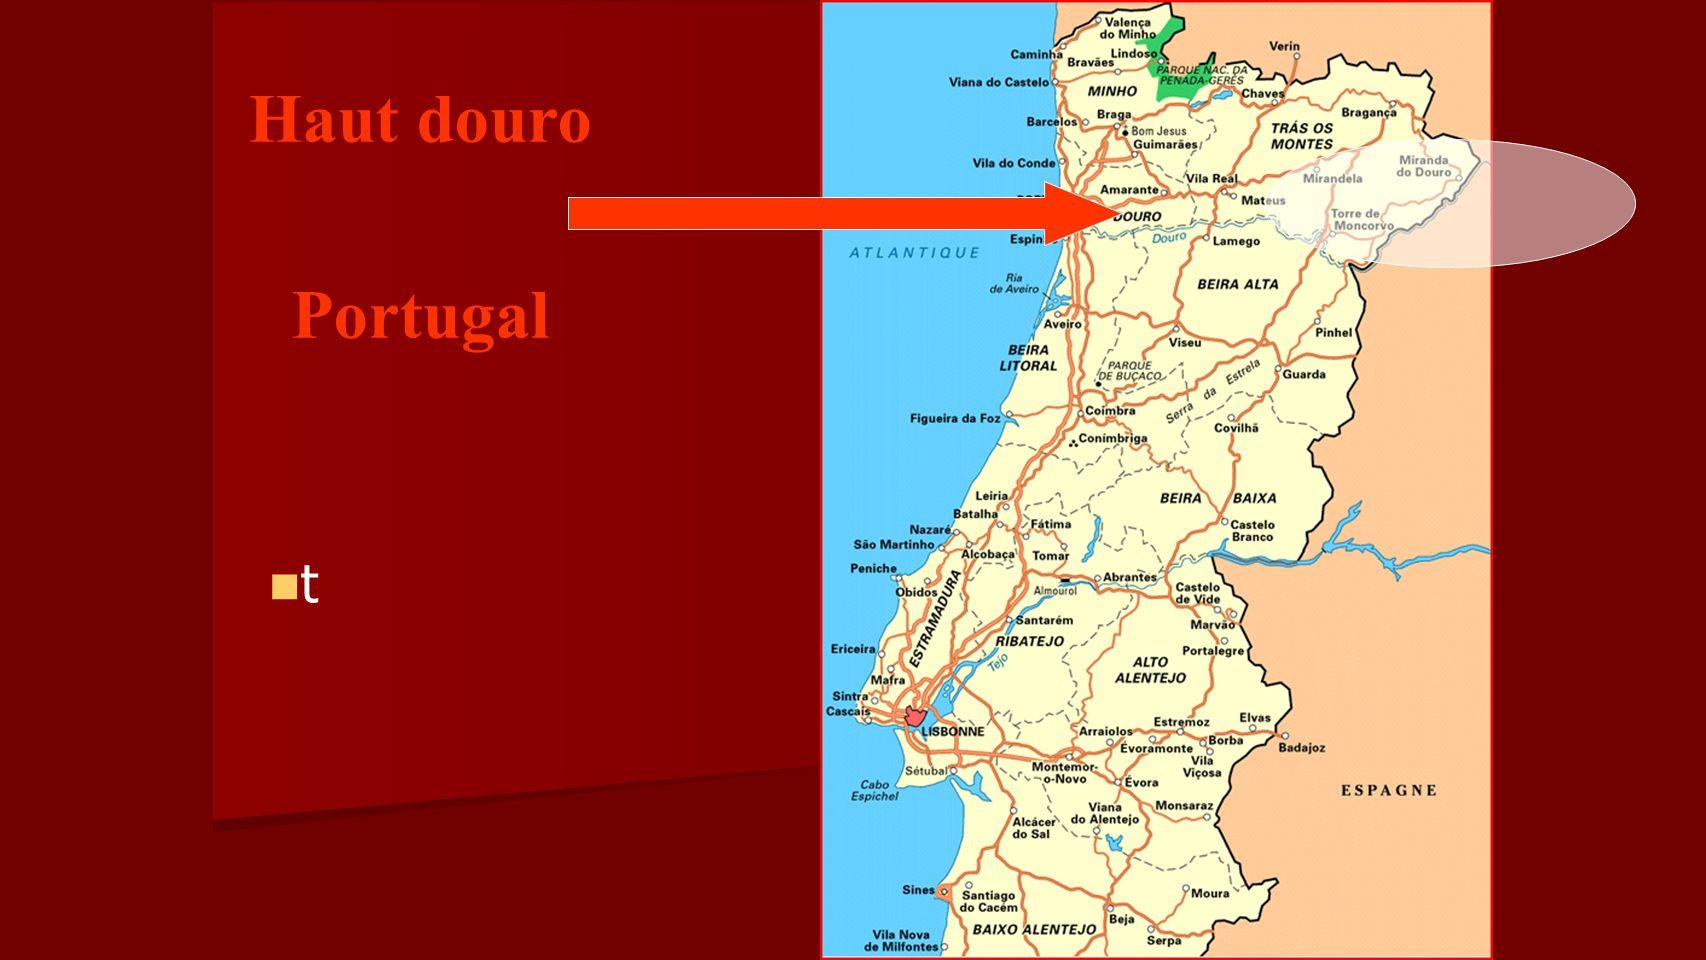 t Haut douro Portugal